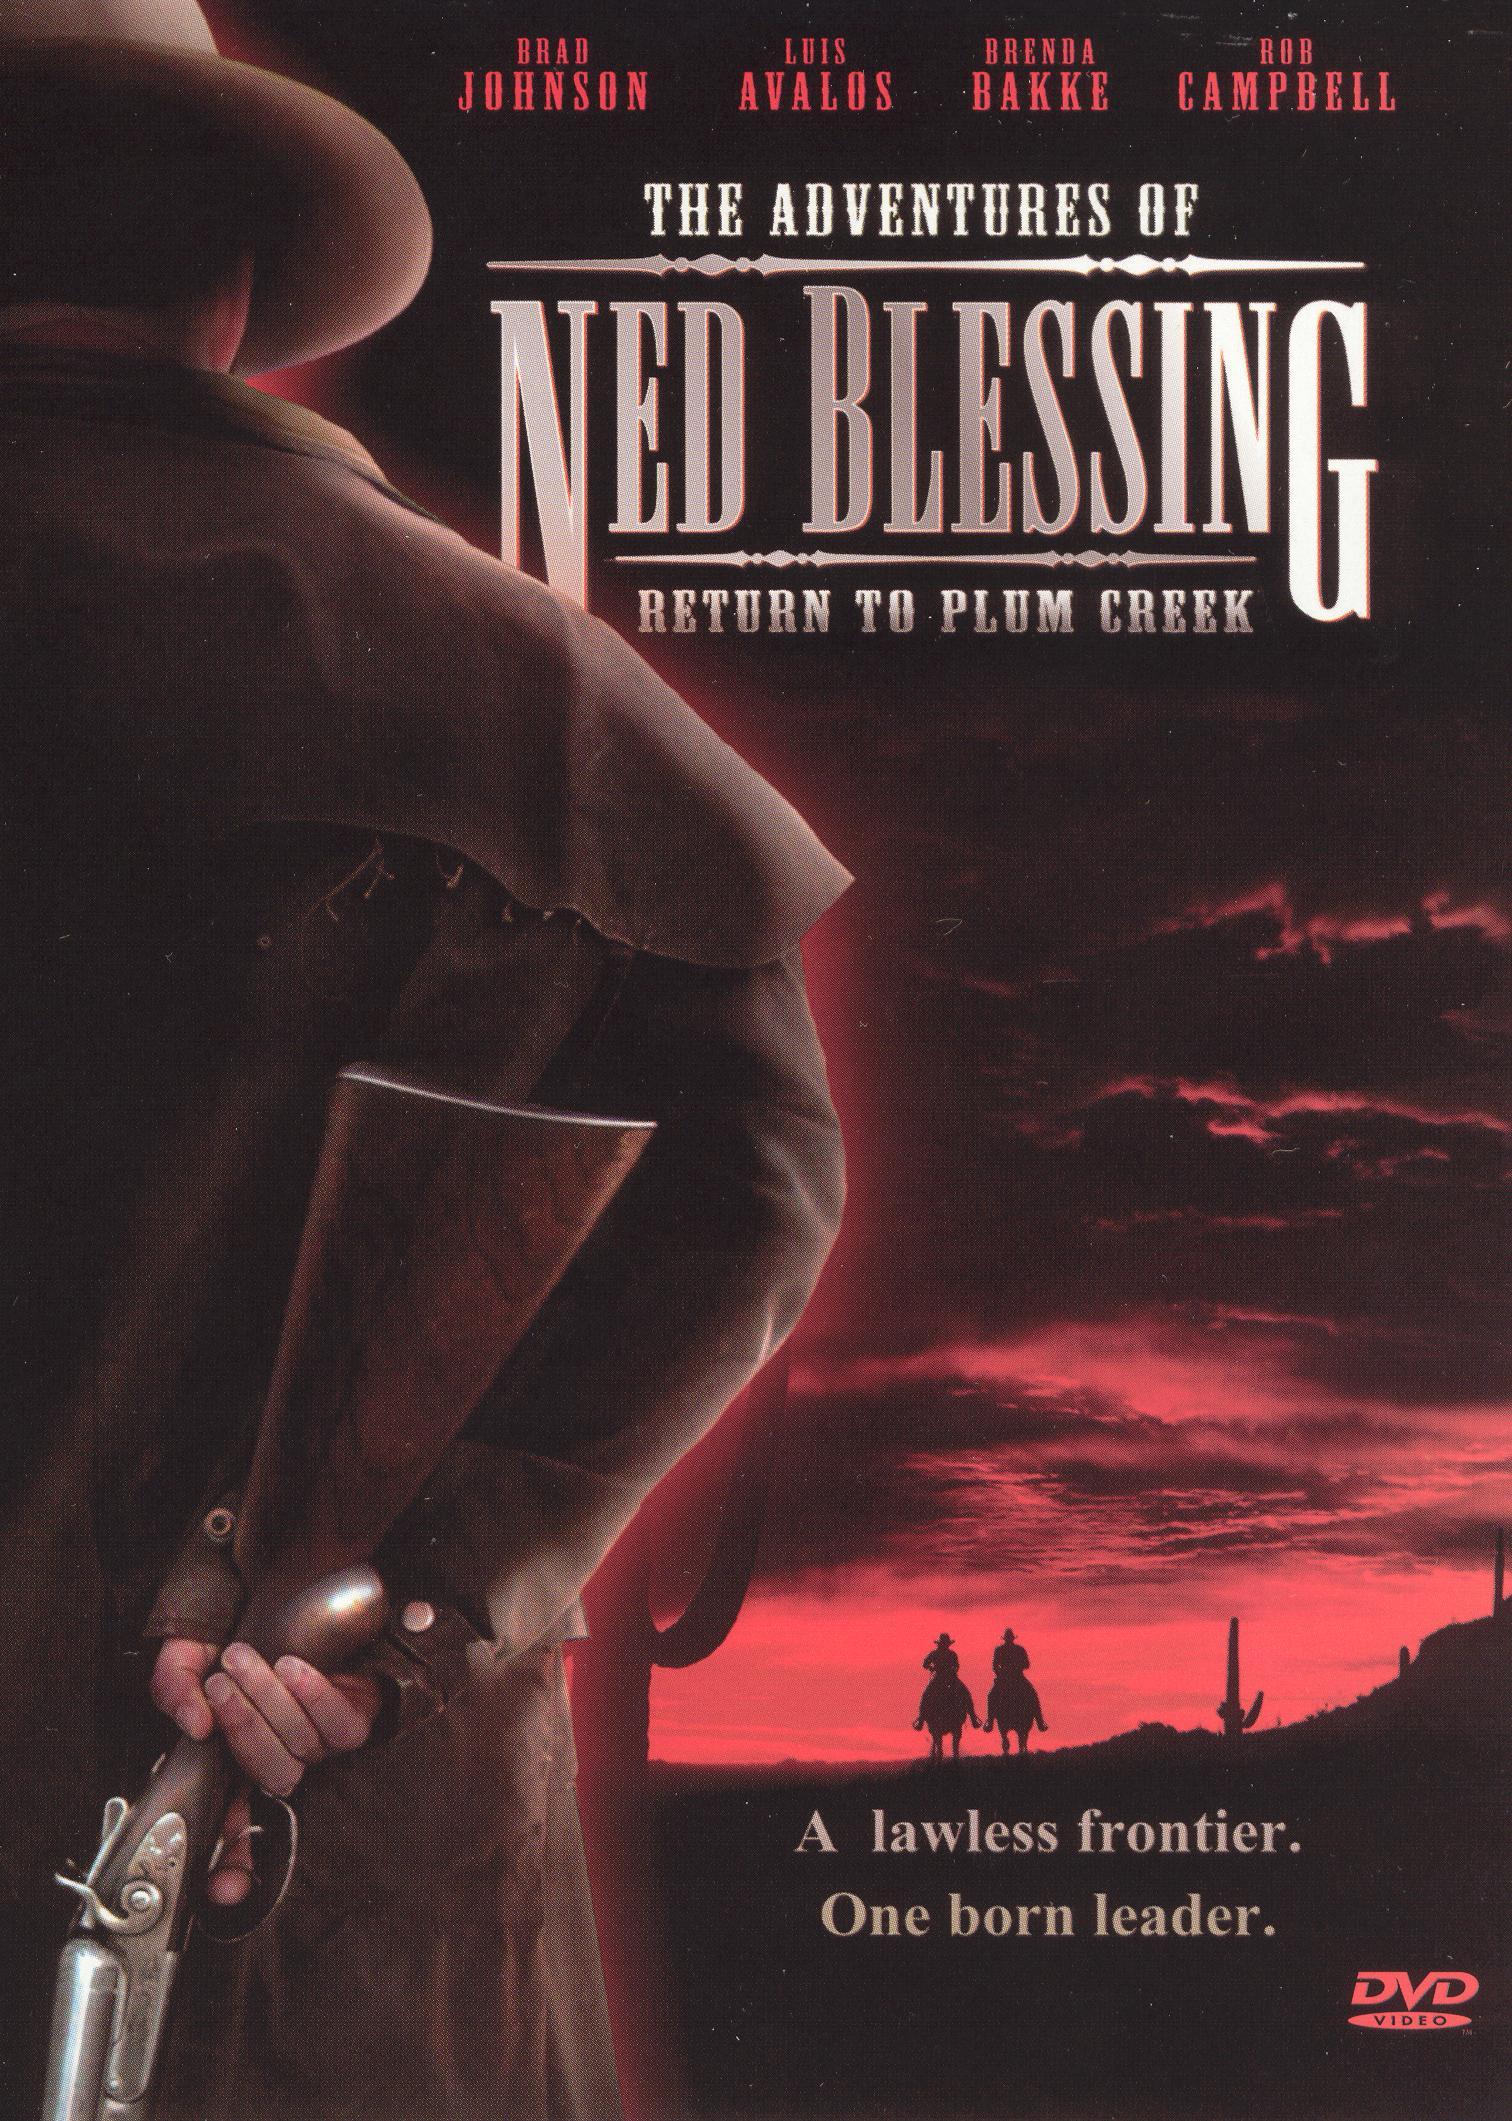 Ned Blessing: Return To Plum Creek